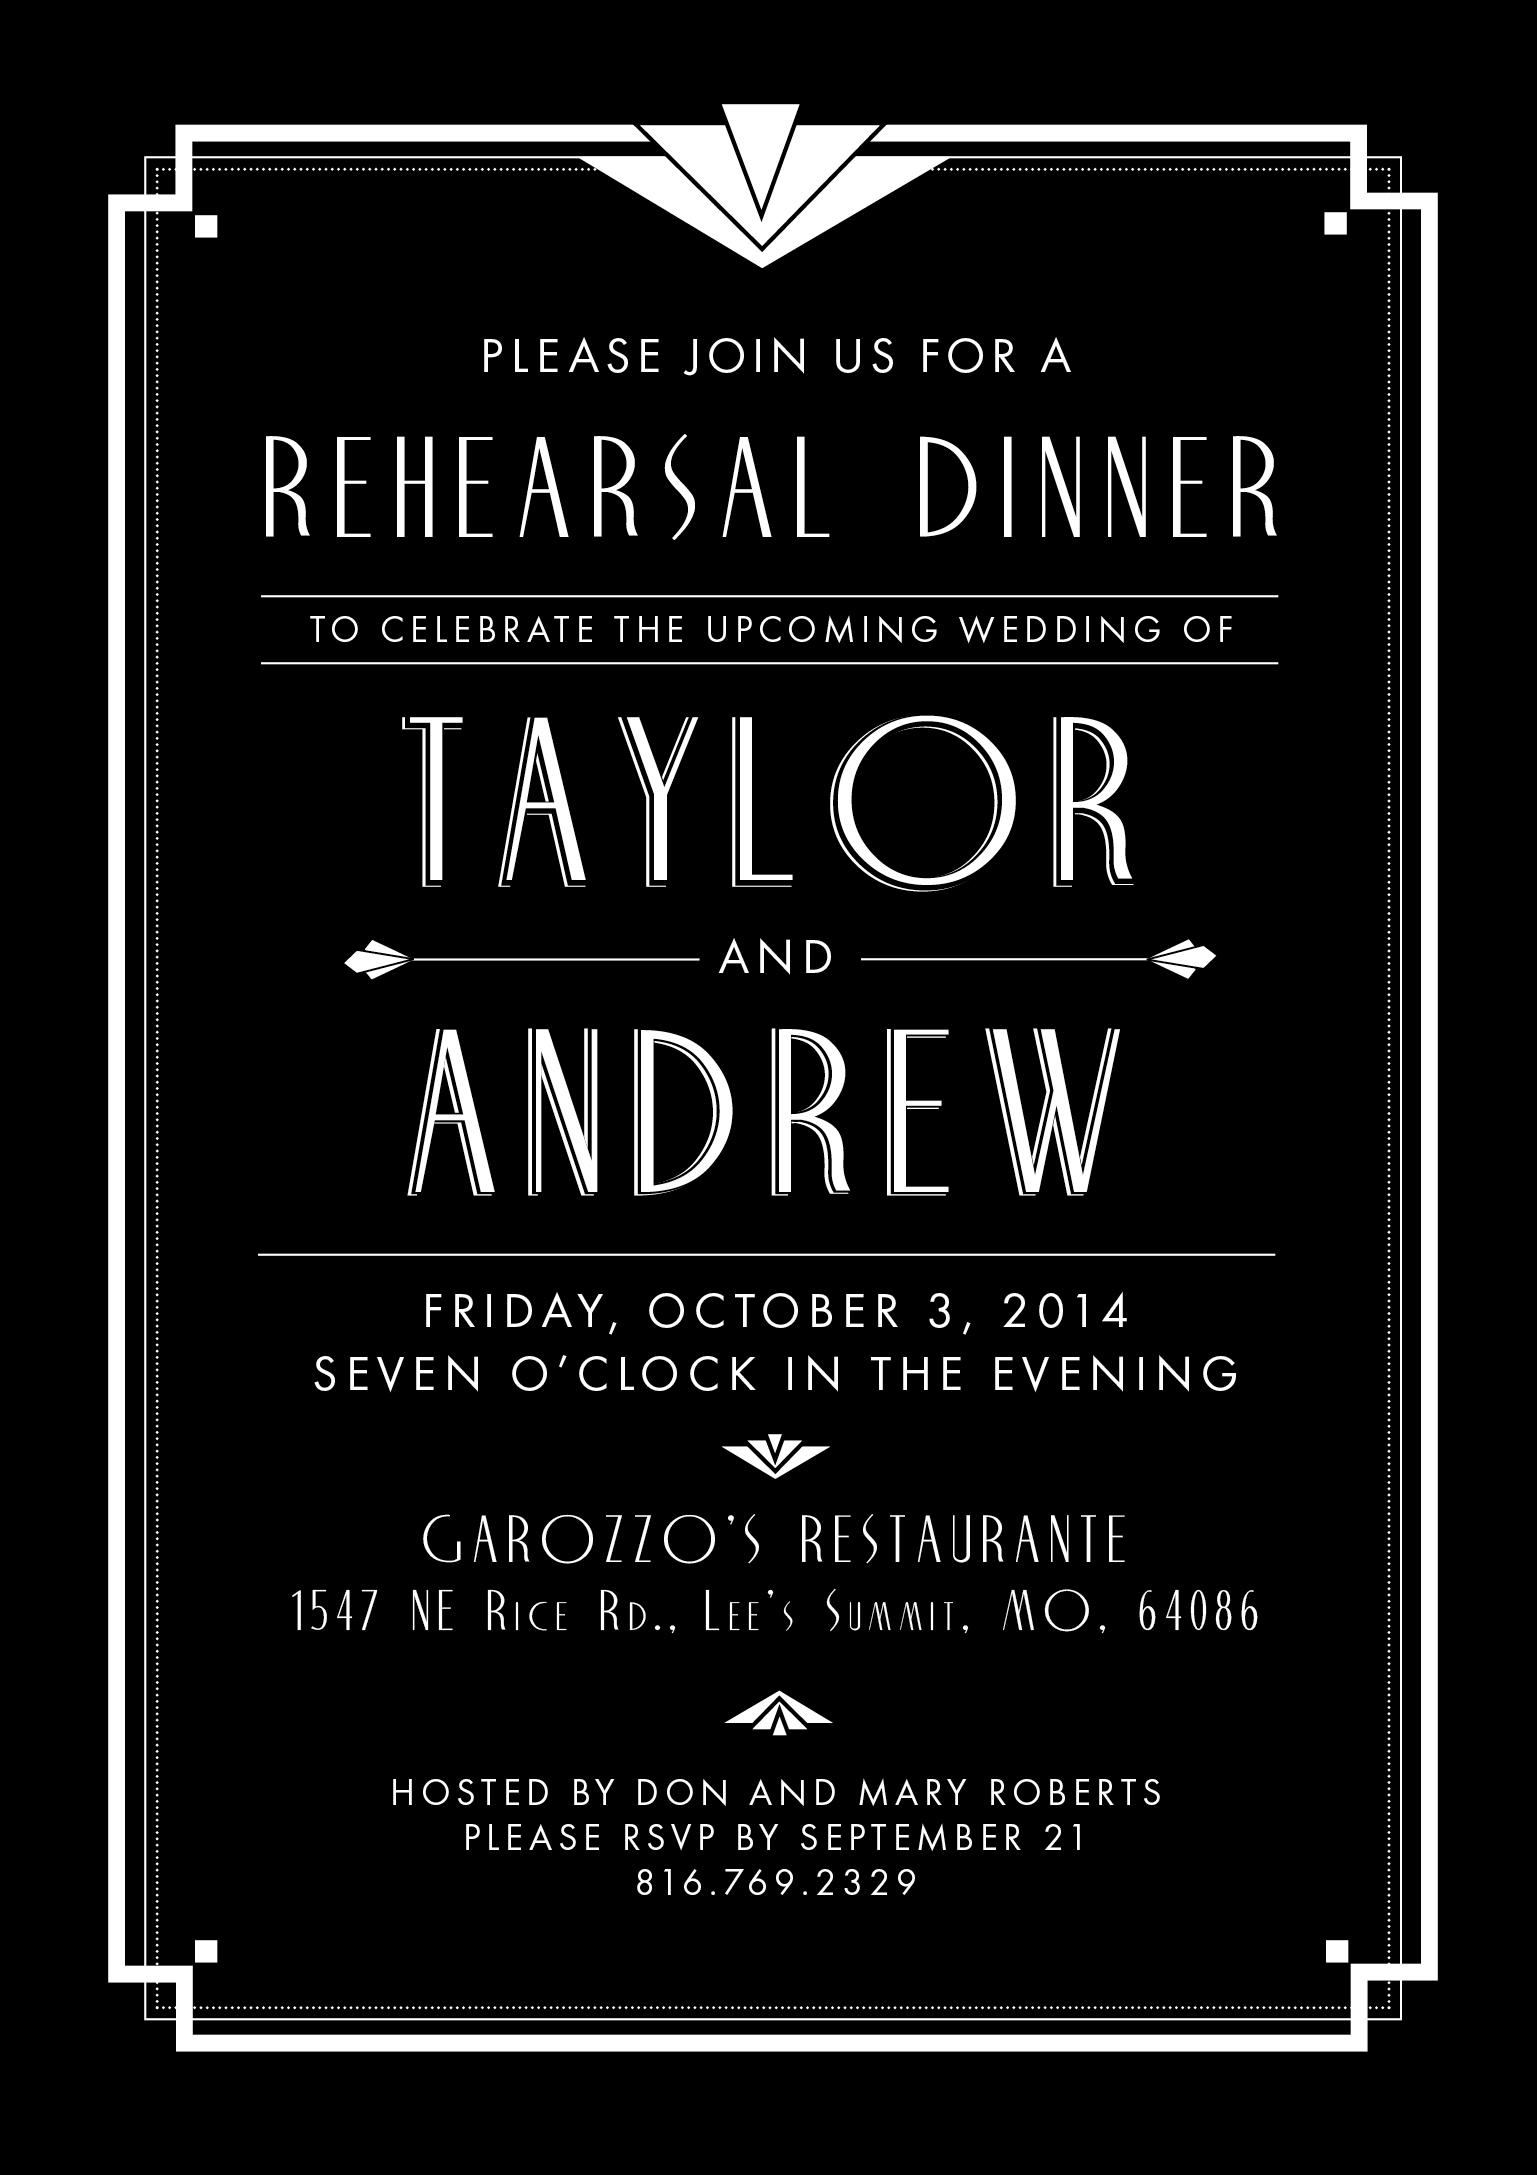 RESEARSAL DINNER INVITES